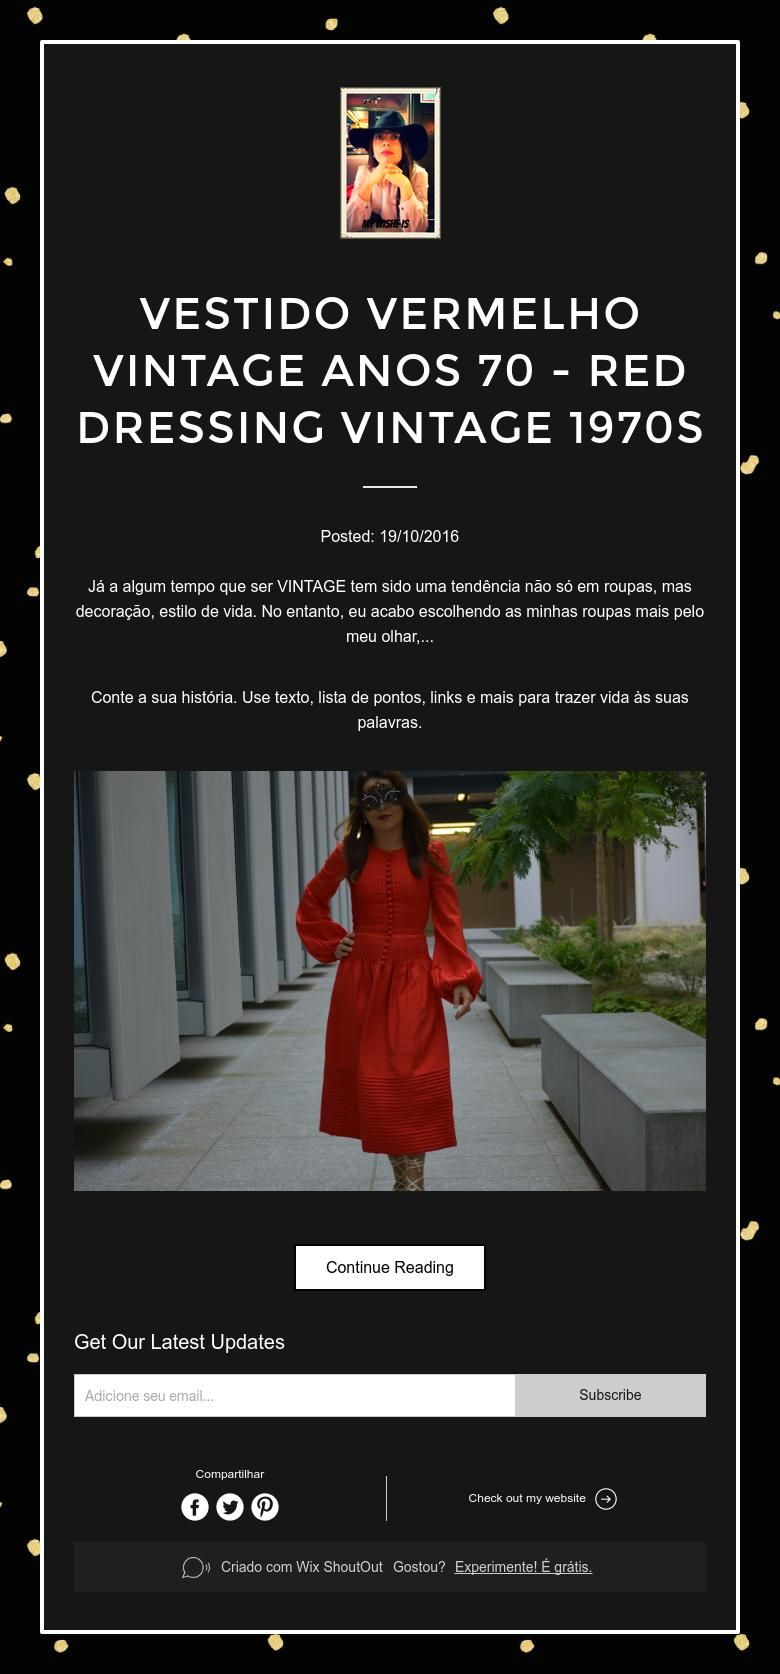 VESTIDO VERMELHO VINTAGE ANOS 70 - RED  DRESSING VINTAGE 1970s